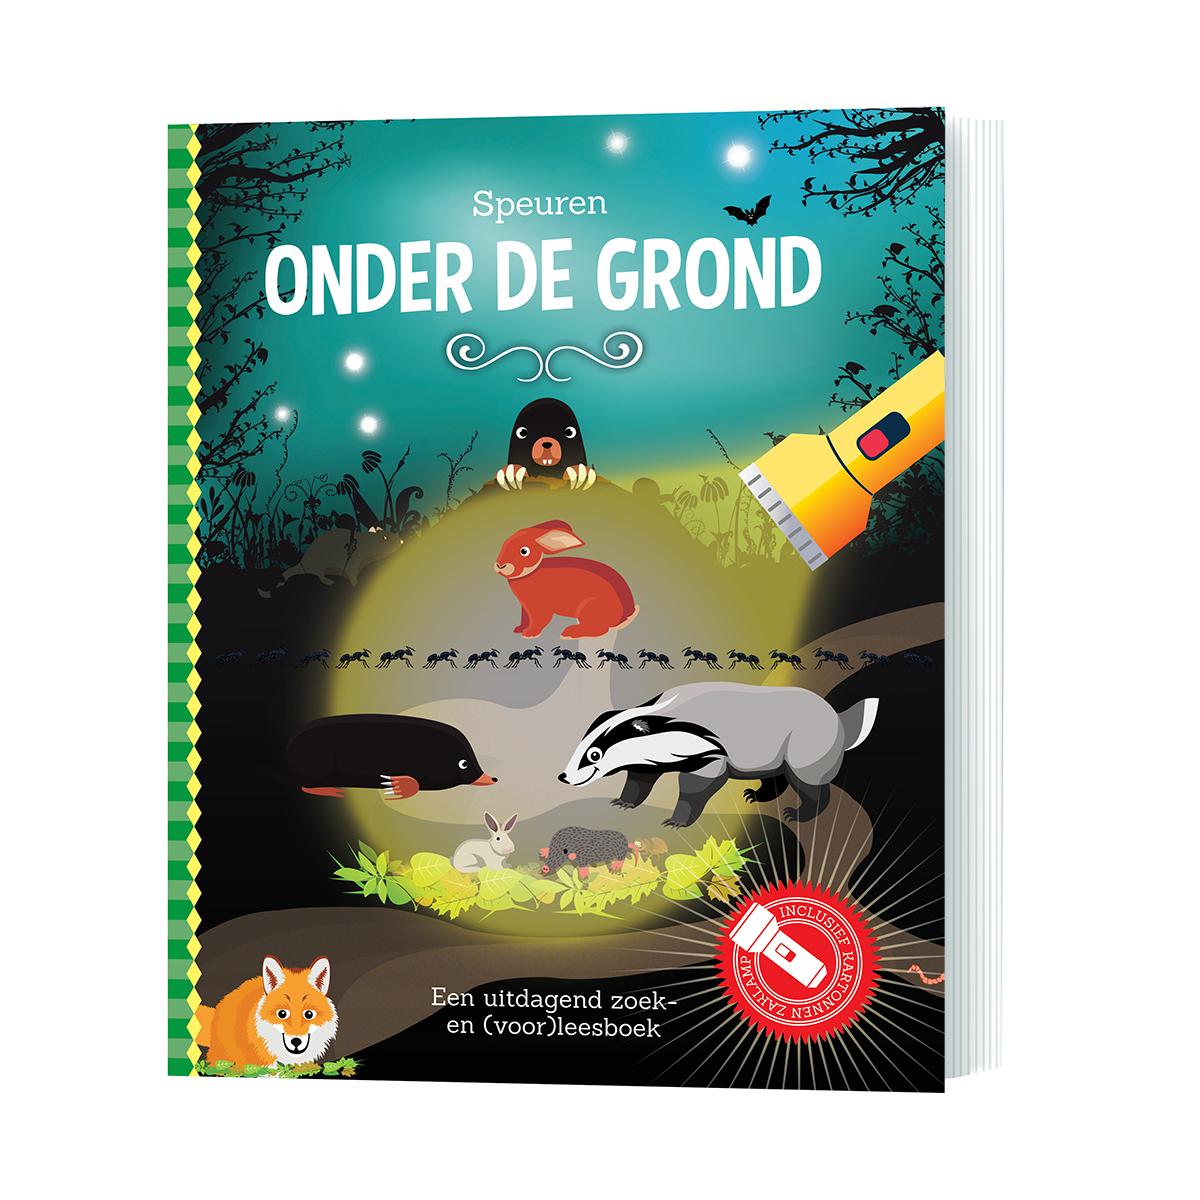 zaklampboek onder de grond